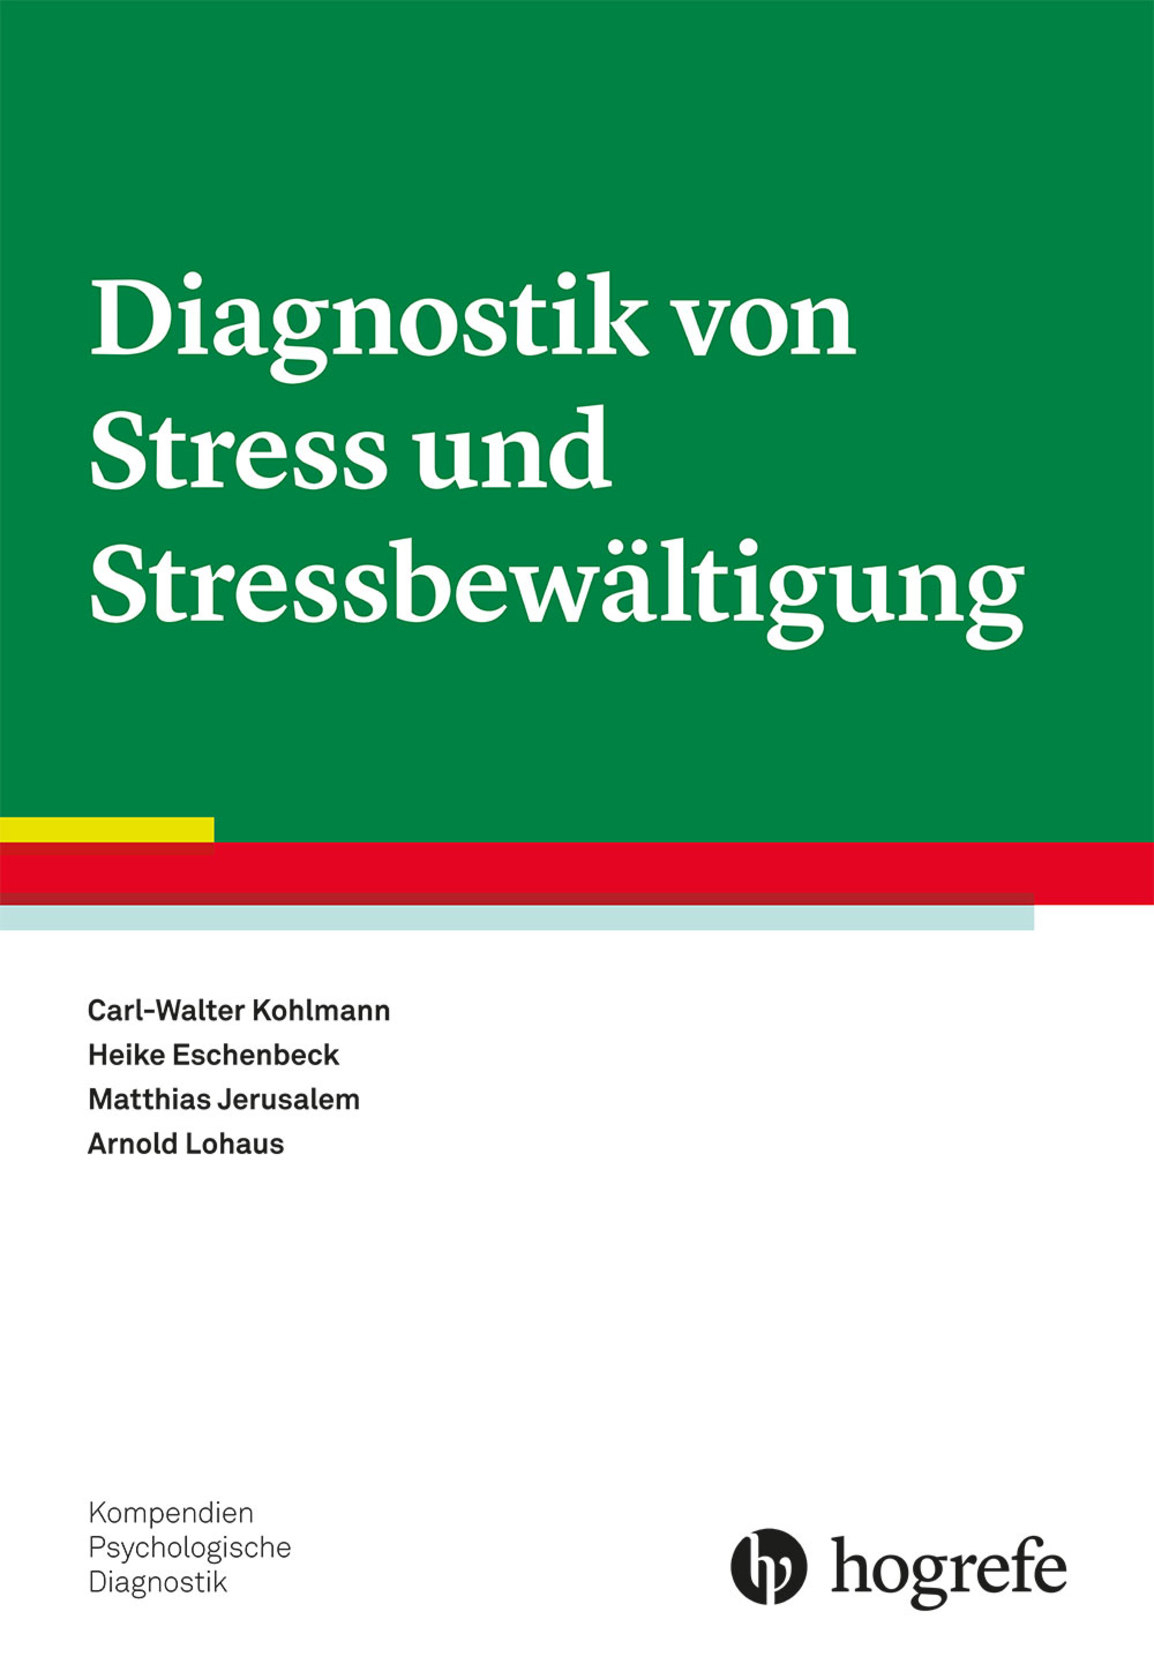 Diagnostik von Stress und Stressbewältigung